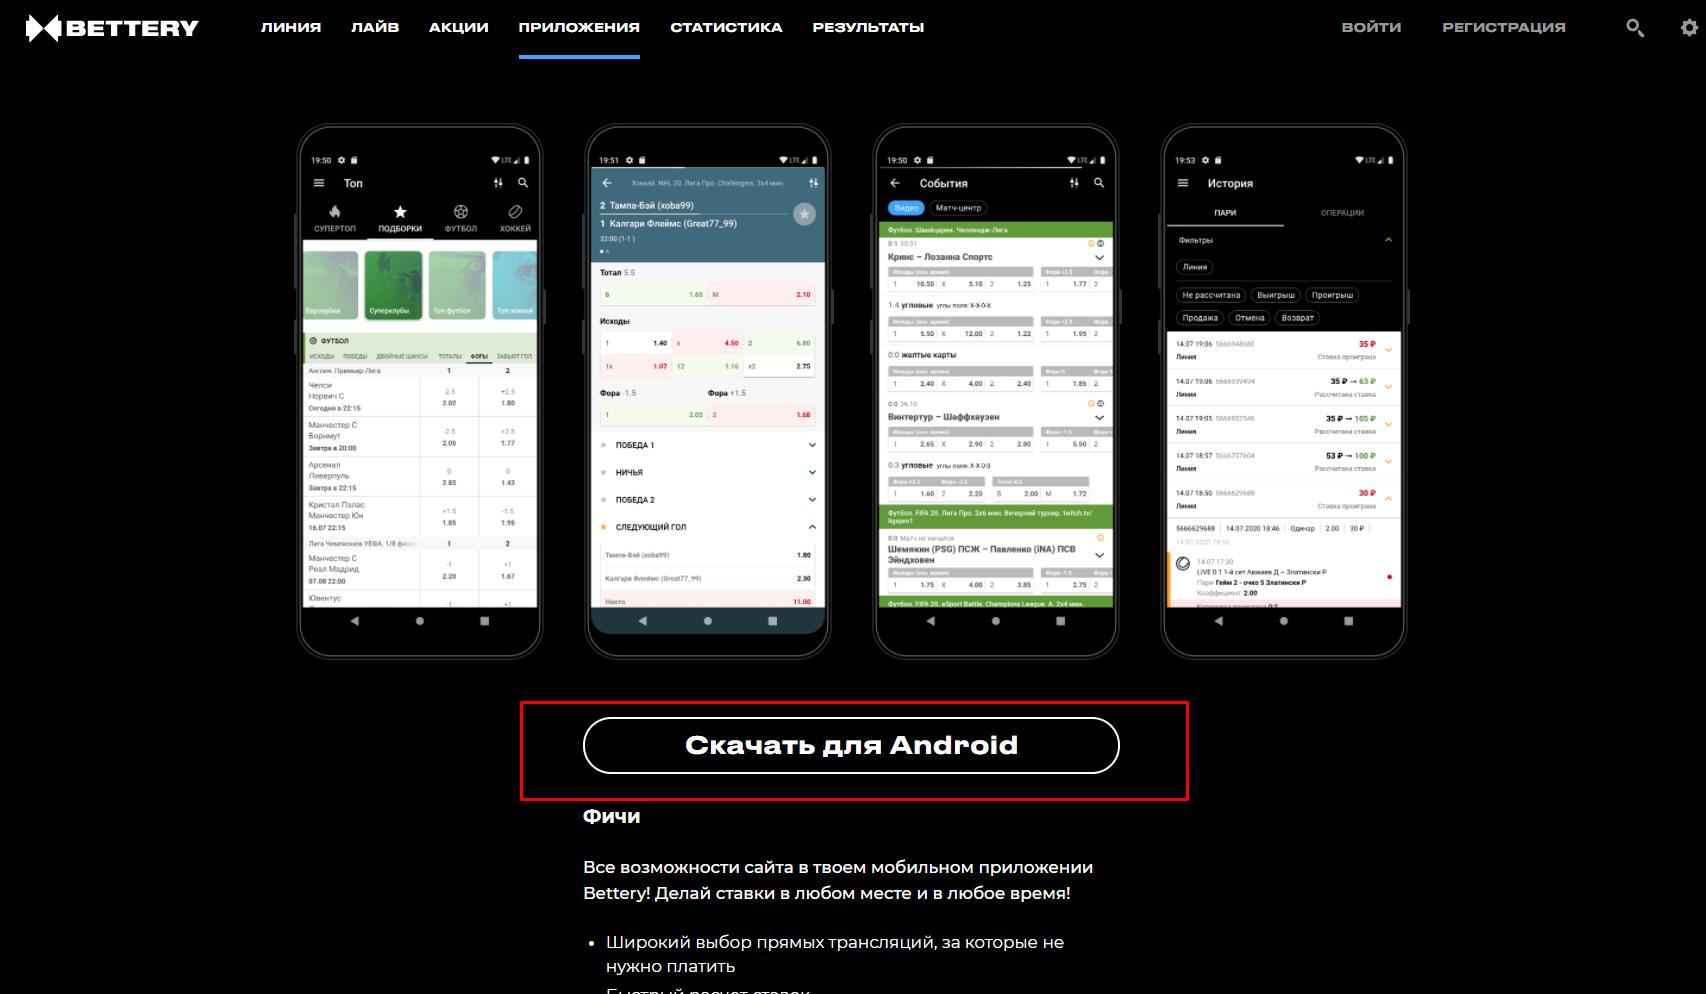 Где скачать приложение bettery на андроид телефон